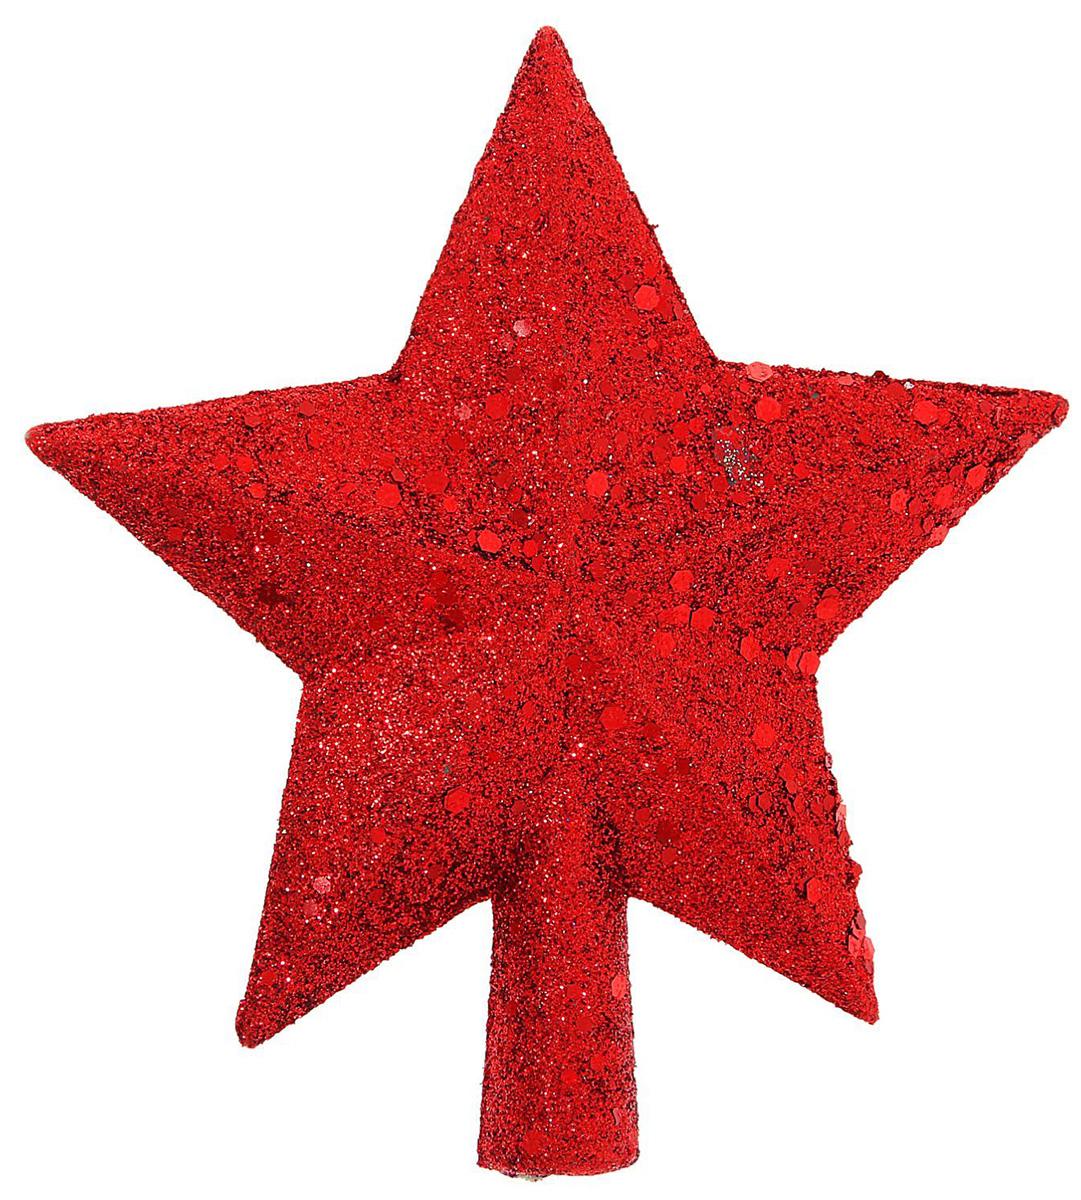 Макушка на елку Sima-land Звезда, 12 х 11 см. 11135151113515Макушка Sima-land изготовлена из пластика. Она имеет плотный корпус, поэтому не разобьется.Невозможно представить нашу жизнь без праздников! Новогодние украшения несут в себе волшебство и красоту праздника. Создайте в своем доме атмосферу тепла, веселья и радости, украшая его всей семьей.